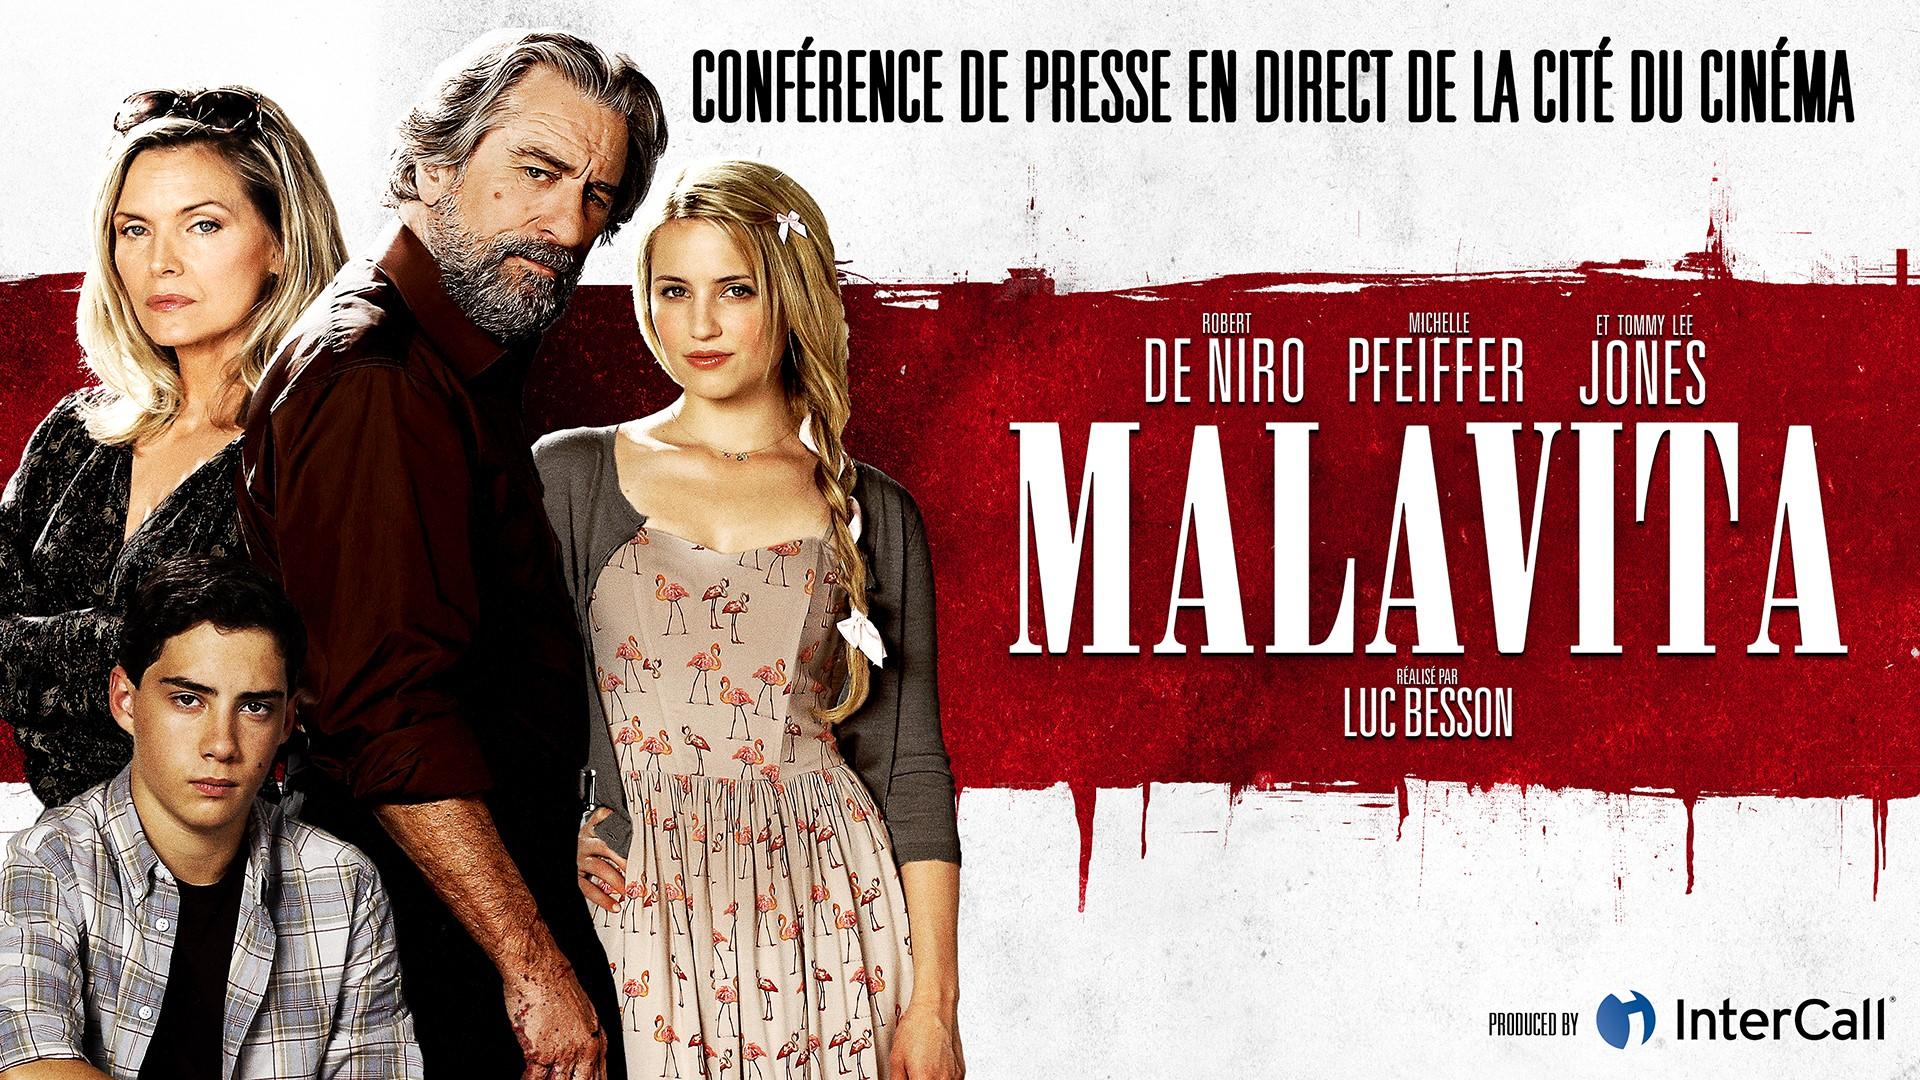 смотреть онлайн в хорошем качестве фильмы малавита